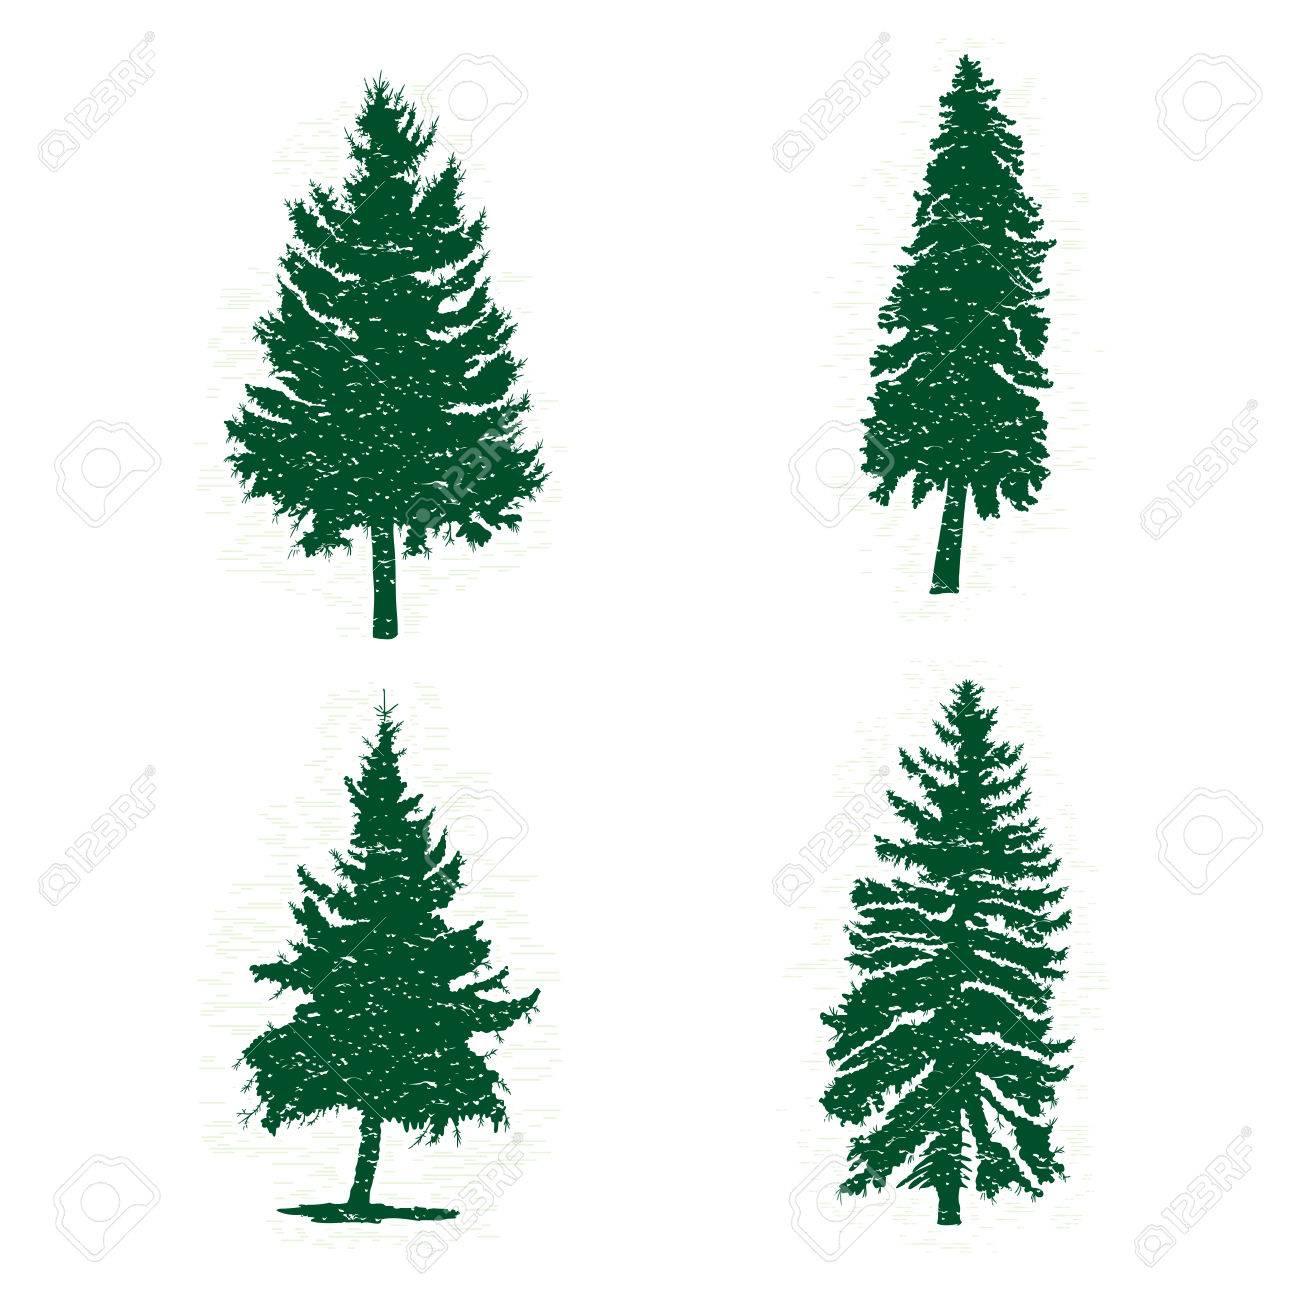 Conjunto De Diversas Siluetas De Los árboles De Pino Verde ...